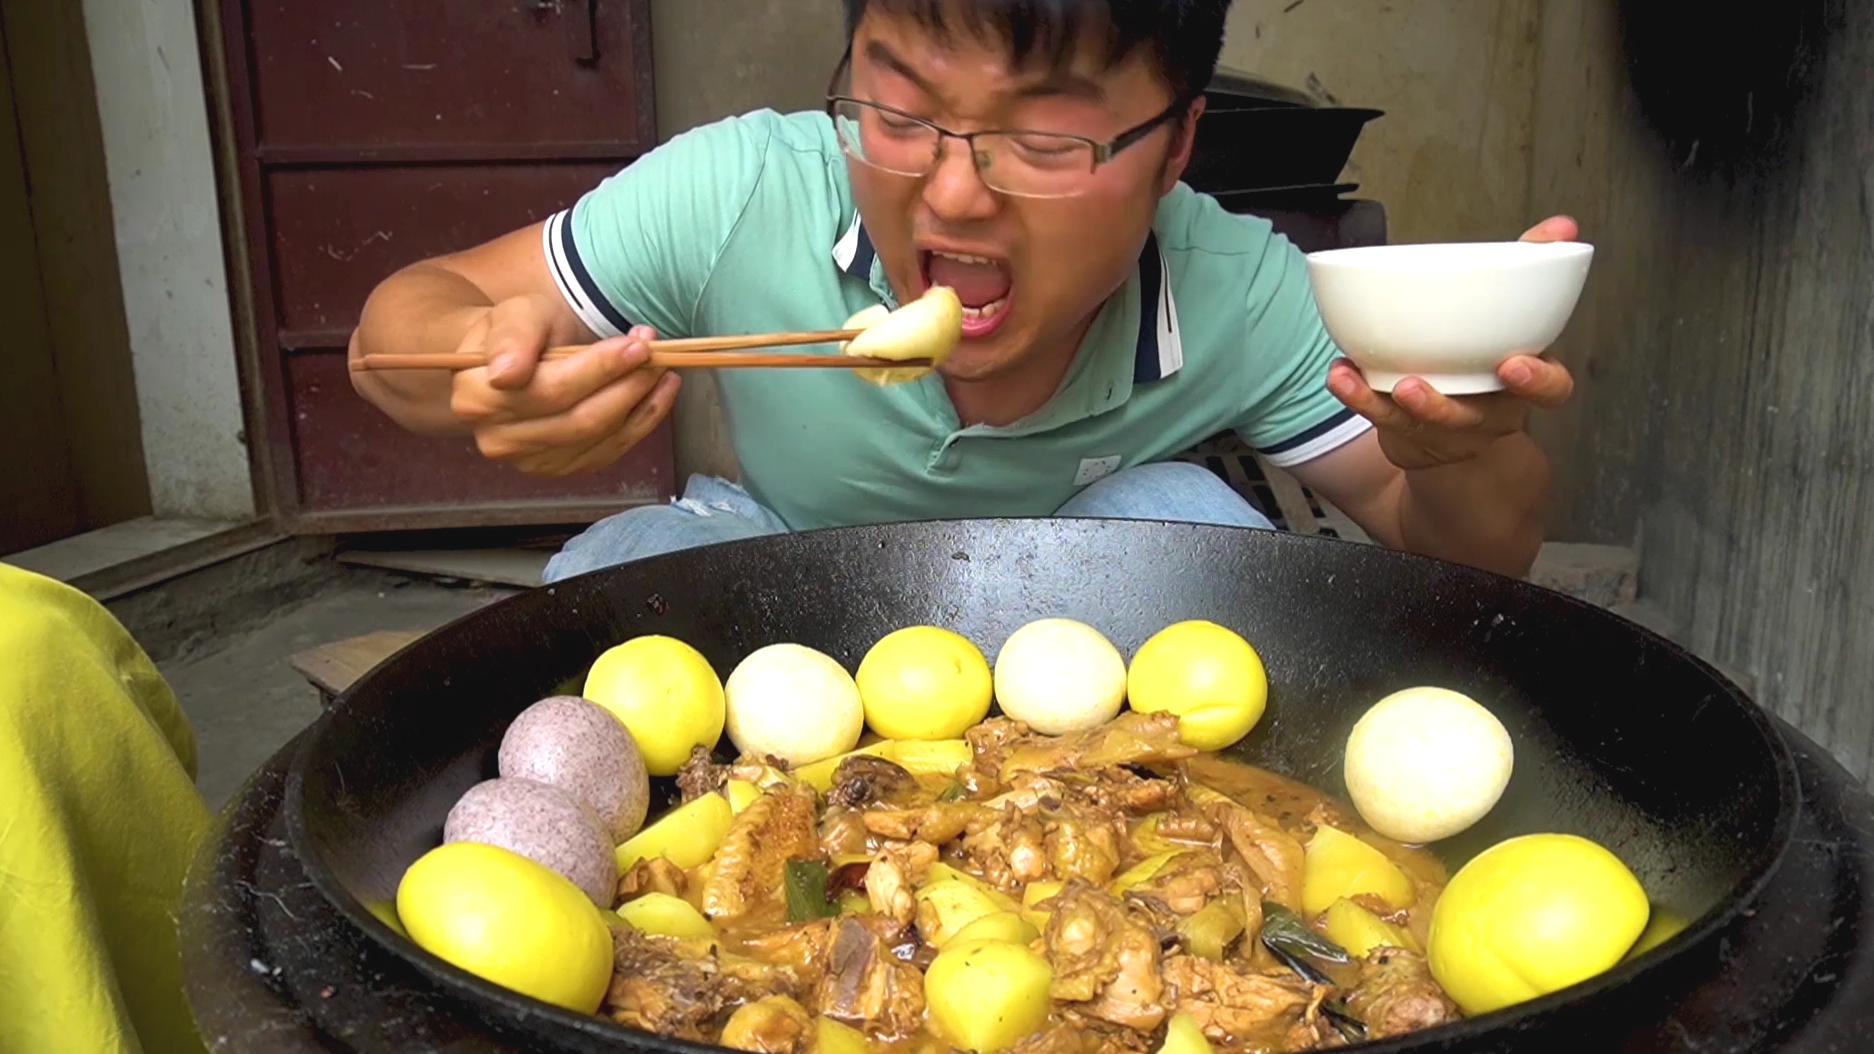 30箱啤酒,5斤大公鸡,媳妇种的土豆,柴火地锅炖鸡,告别料酒了